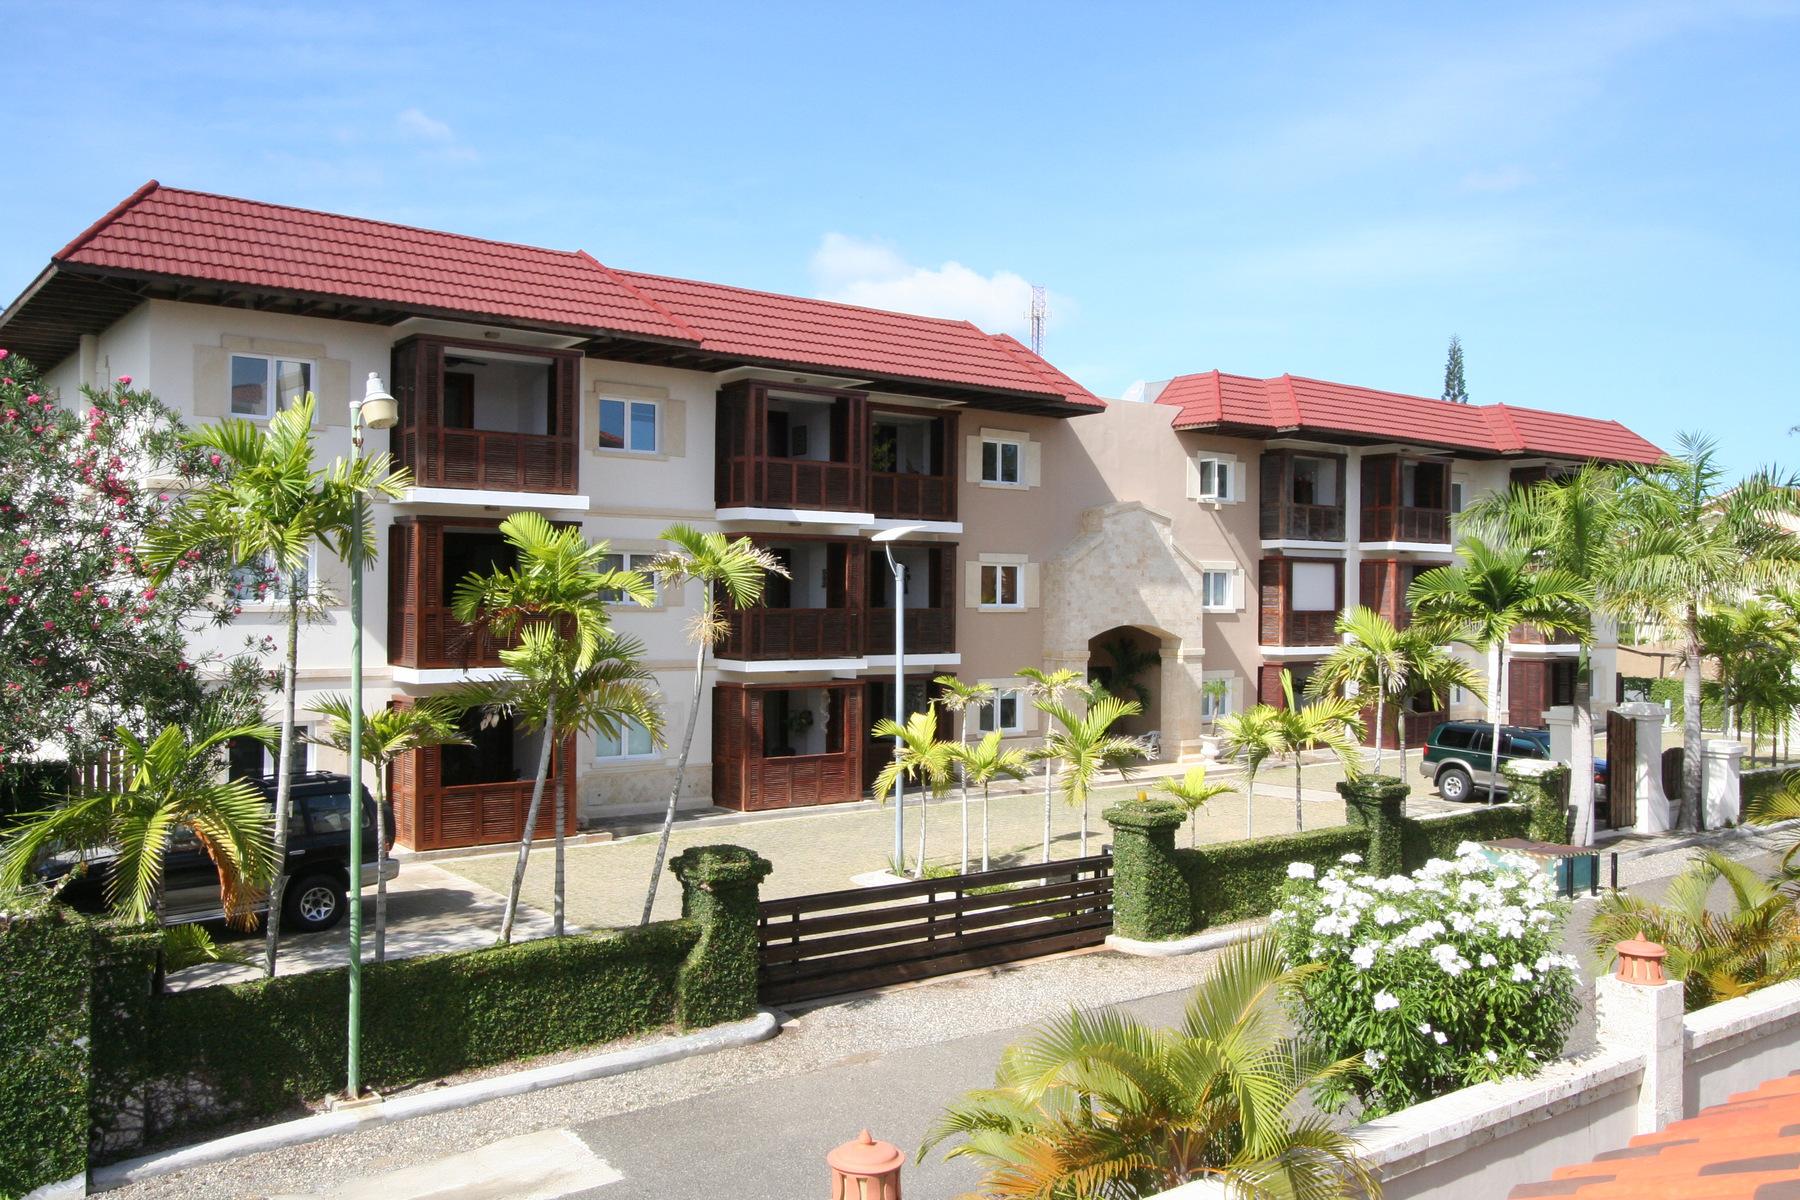 共管式独立产权公寓 为 销售 在 Pelican Beach Condominiums 3-1 3-1 Pelican Beach Cabarete, 普拉塔省, CABARETE 多米尼加共和国